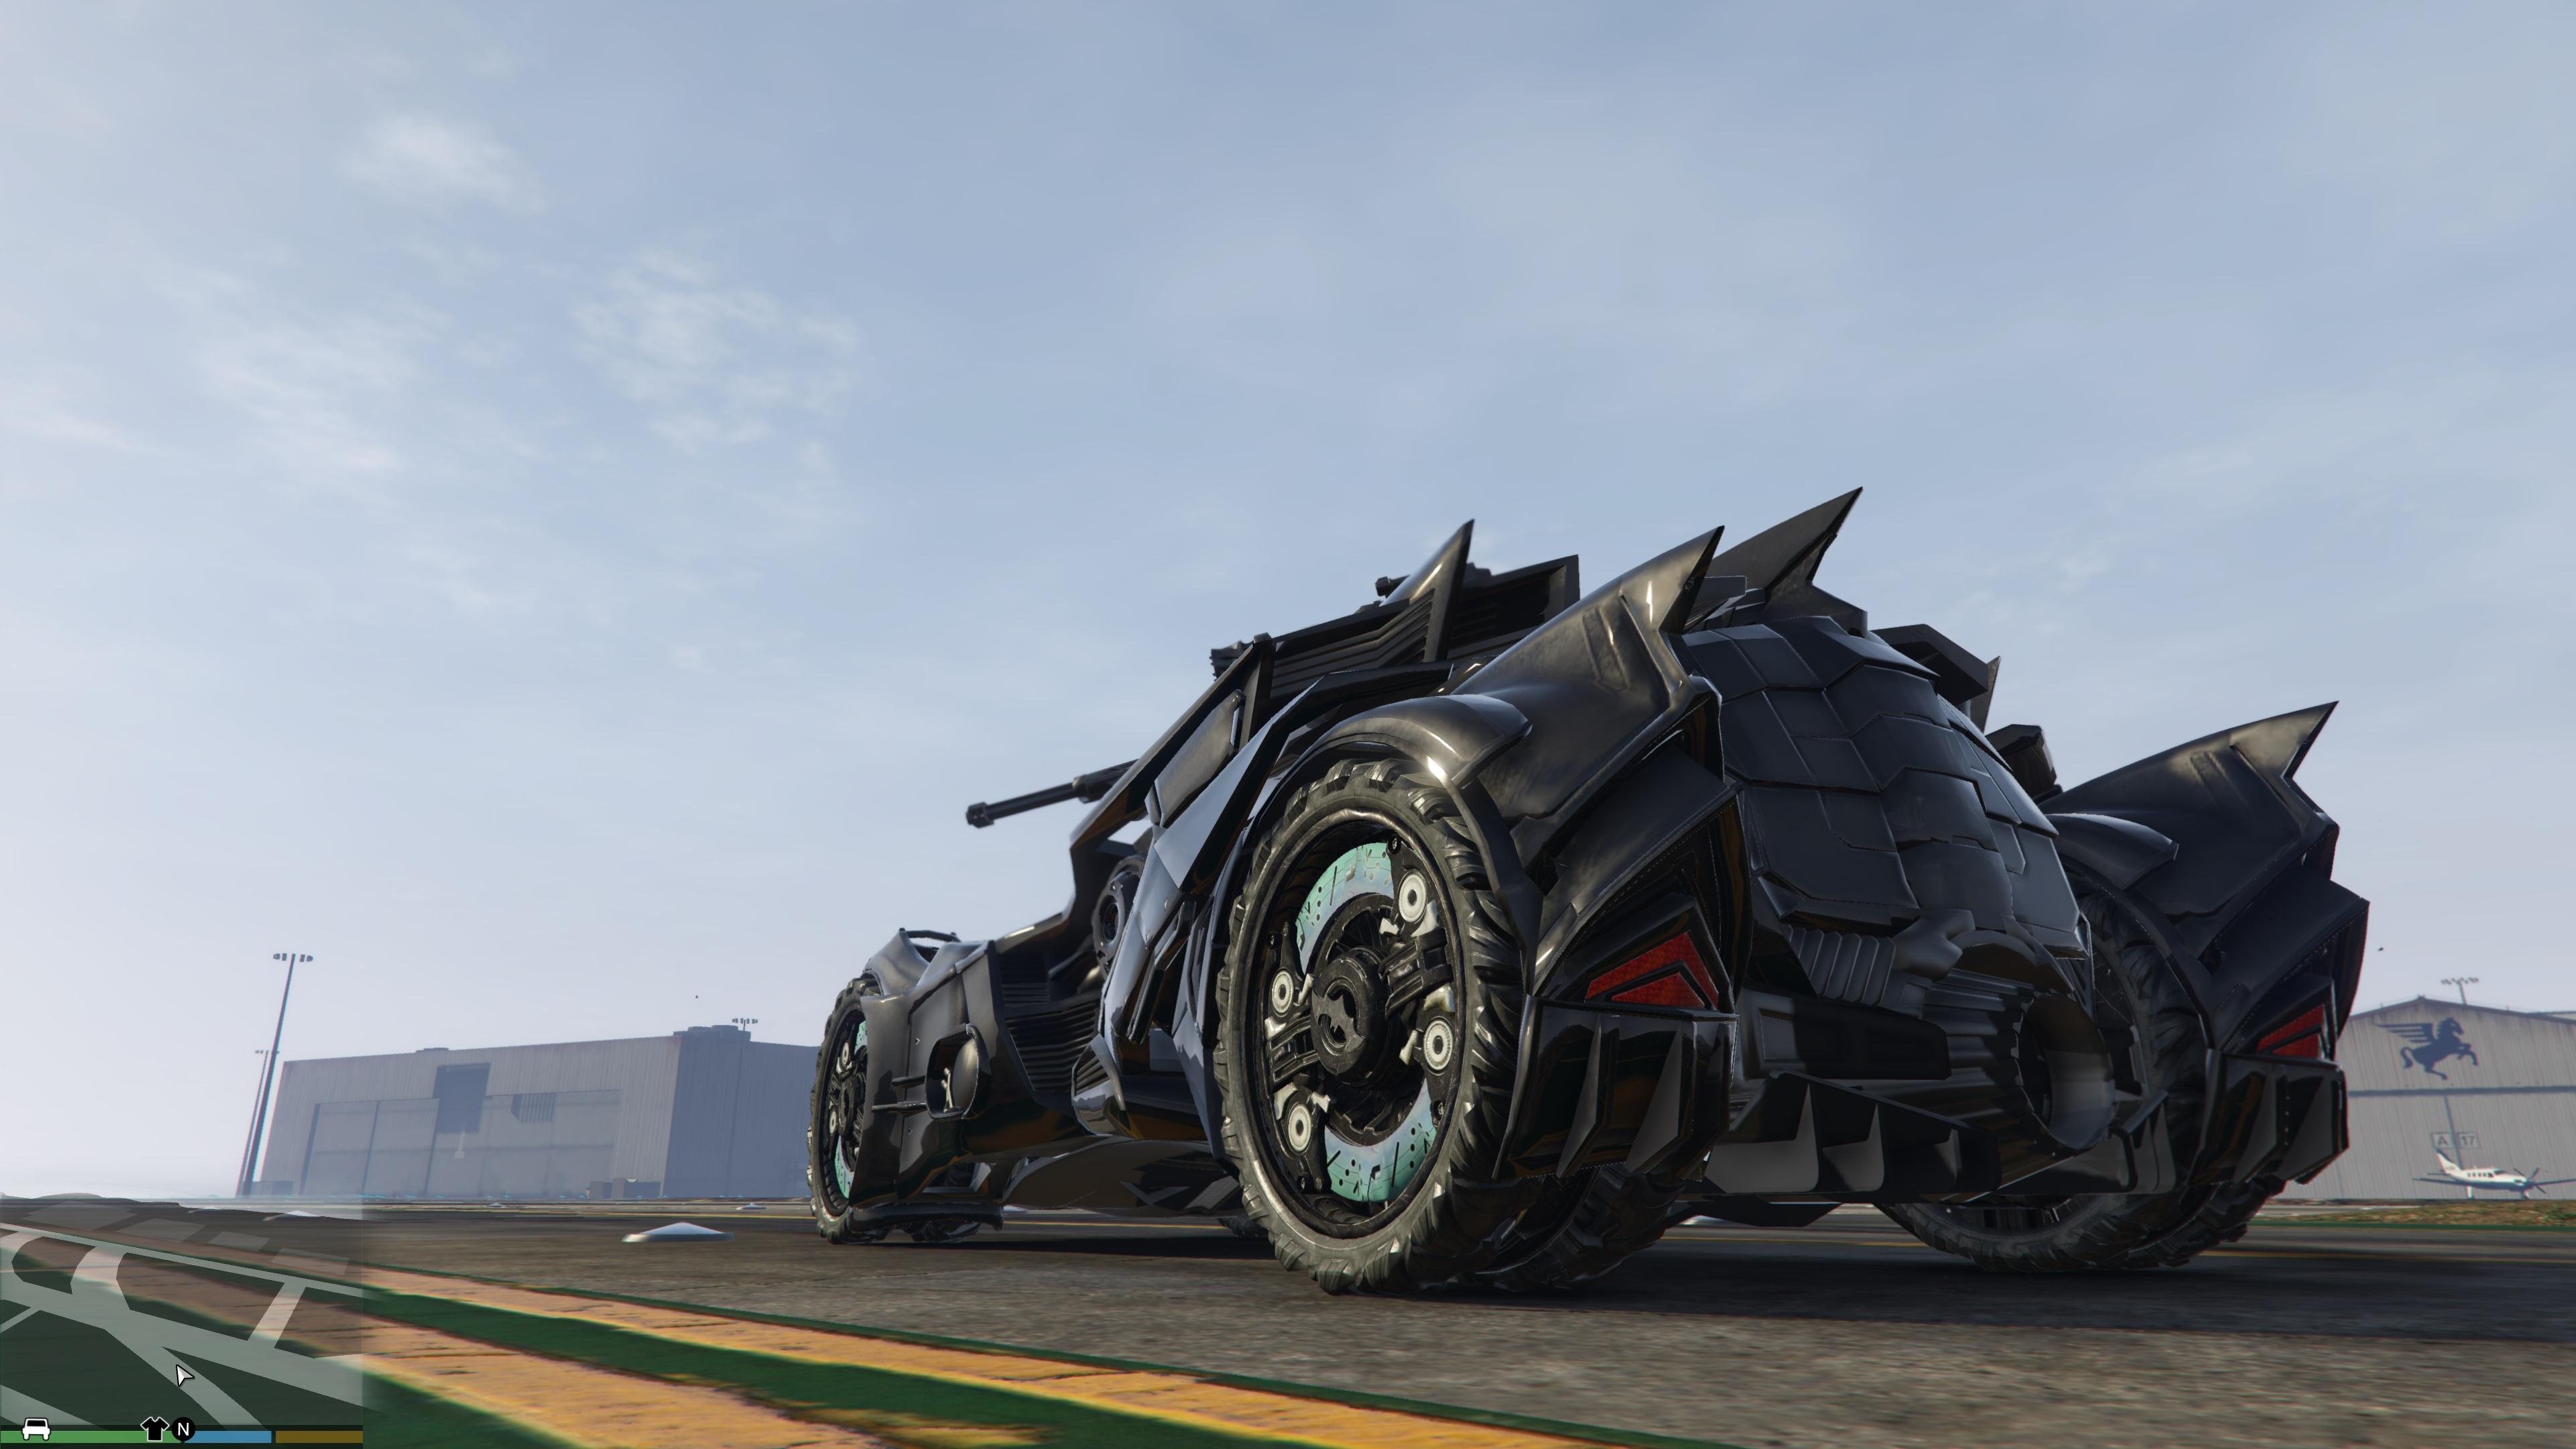 How To Get Batman Car In Gta